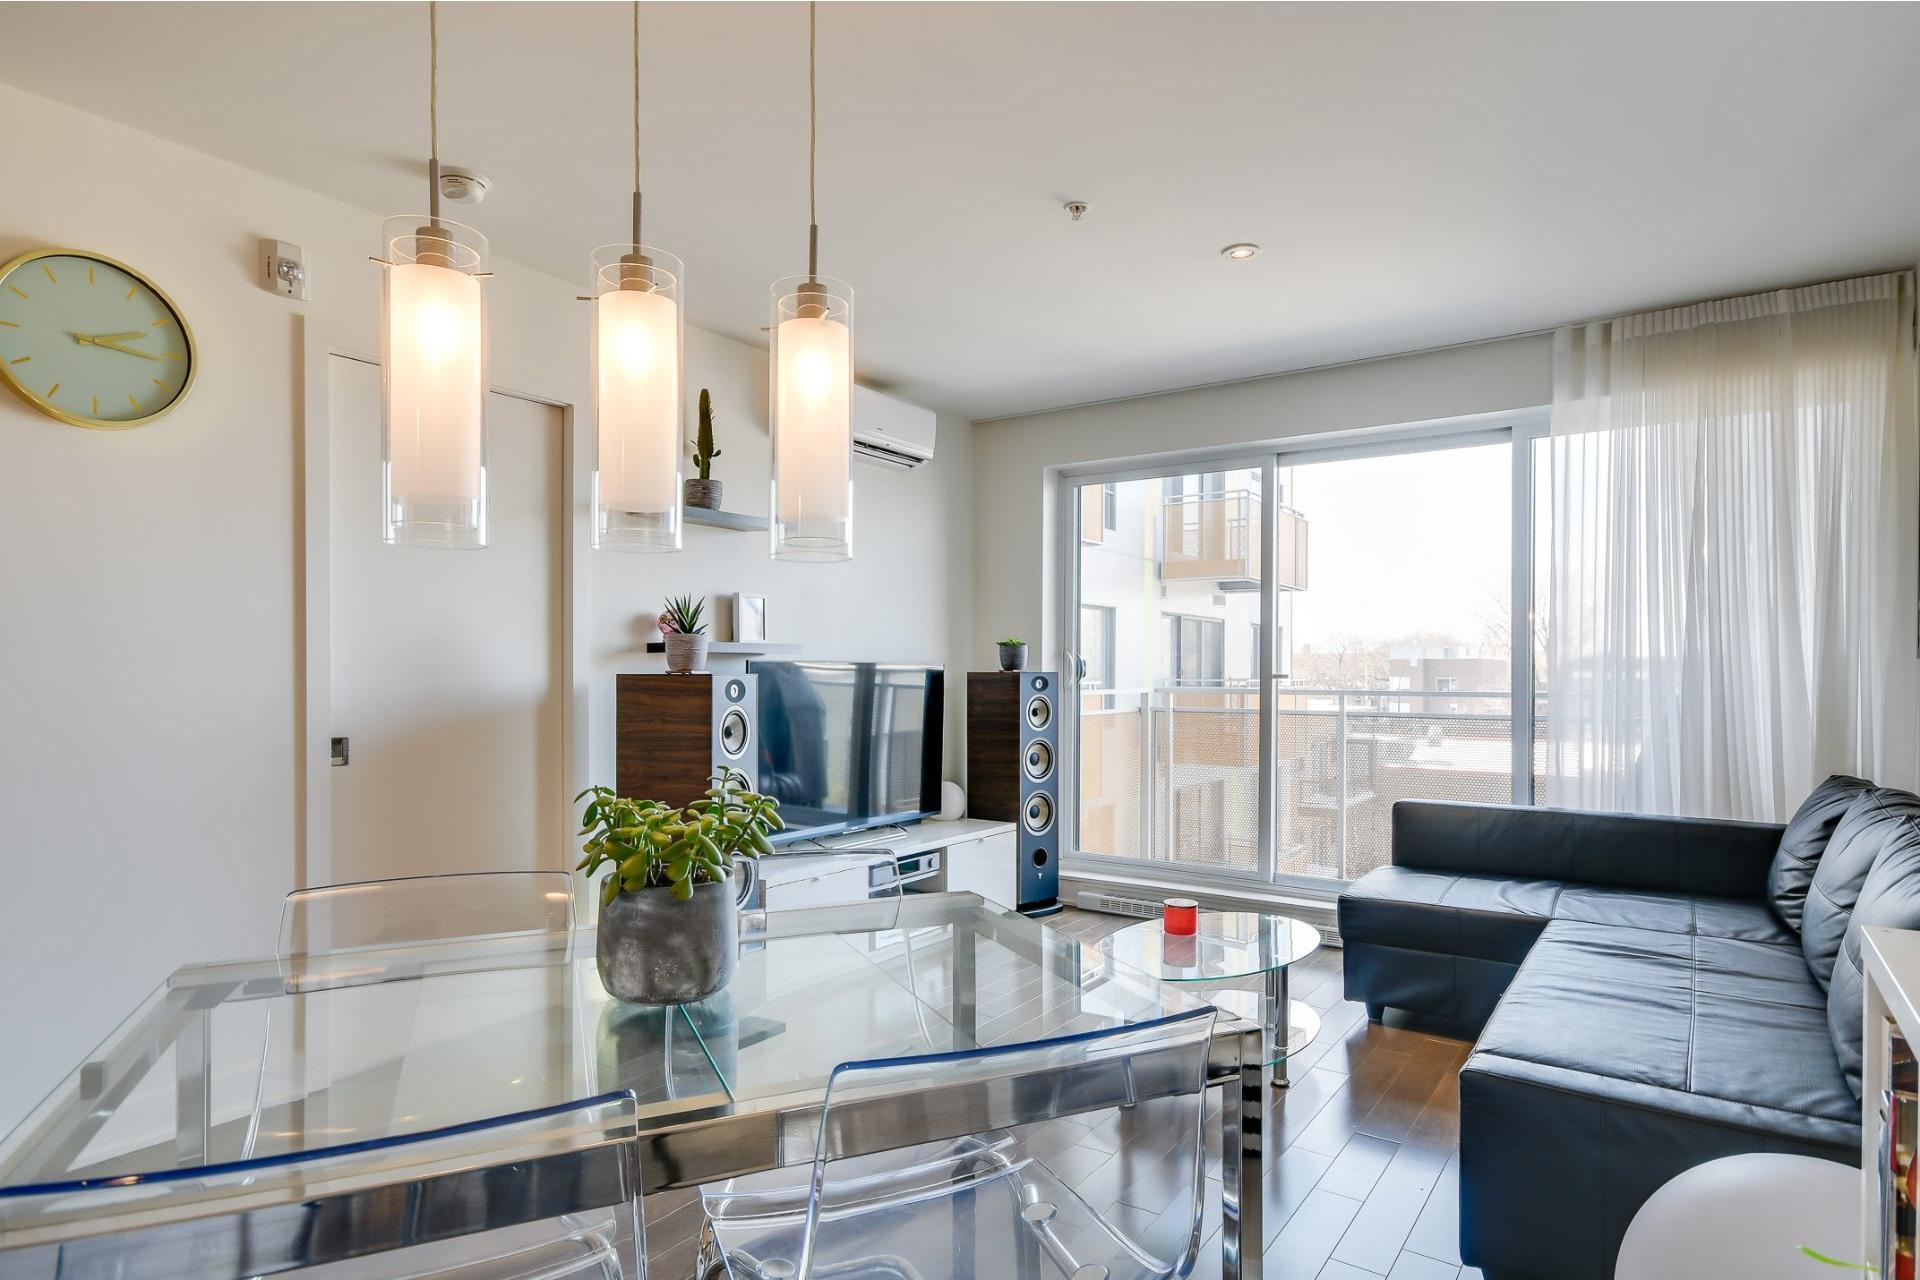 image 3 - Appartement À vendre Rosemont/La Petite-Patrie Montréal  - 4 pièces